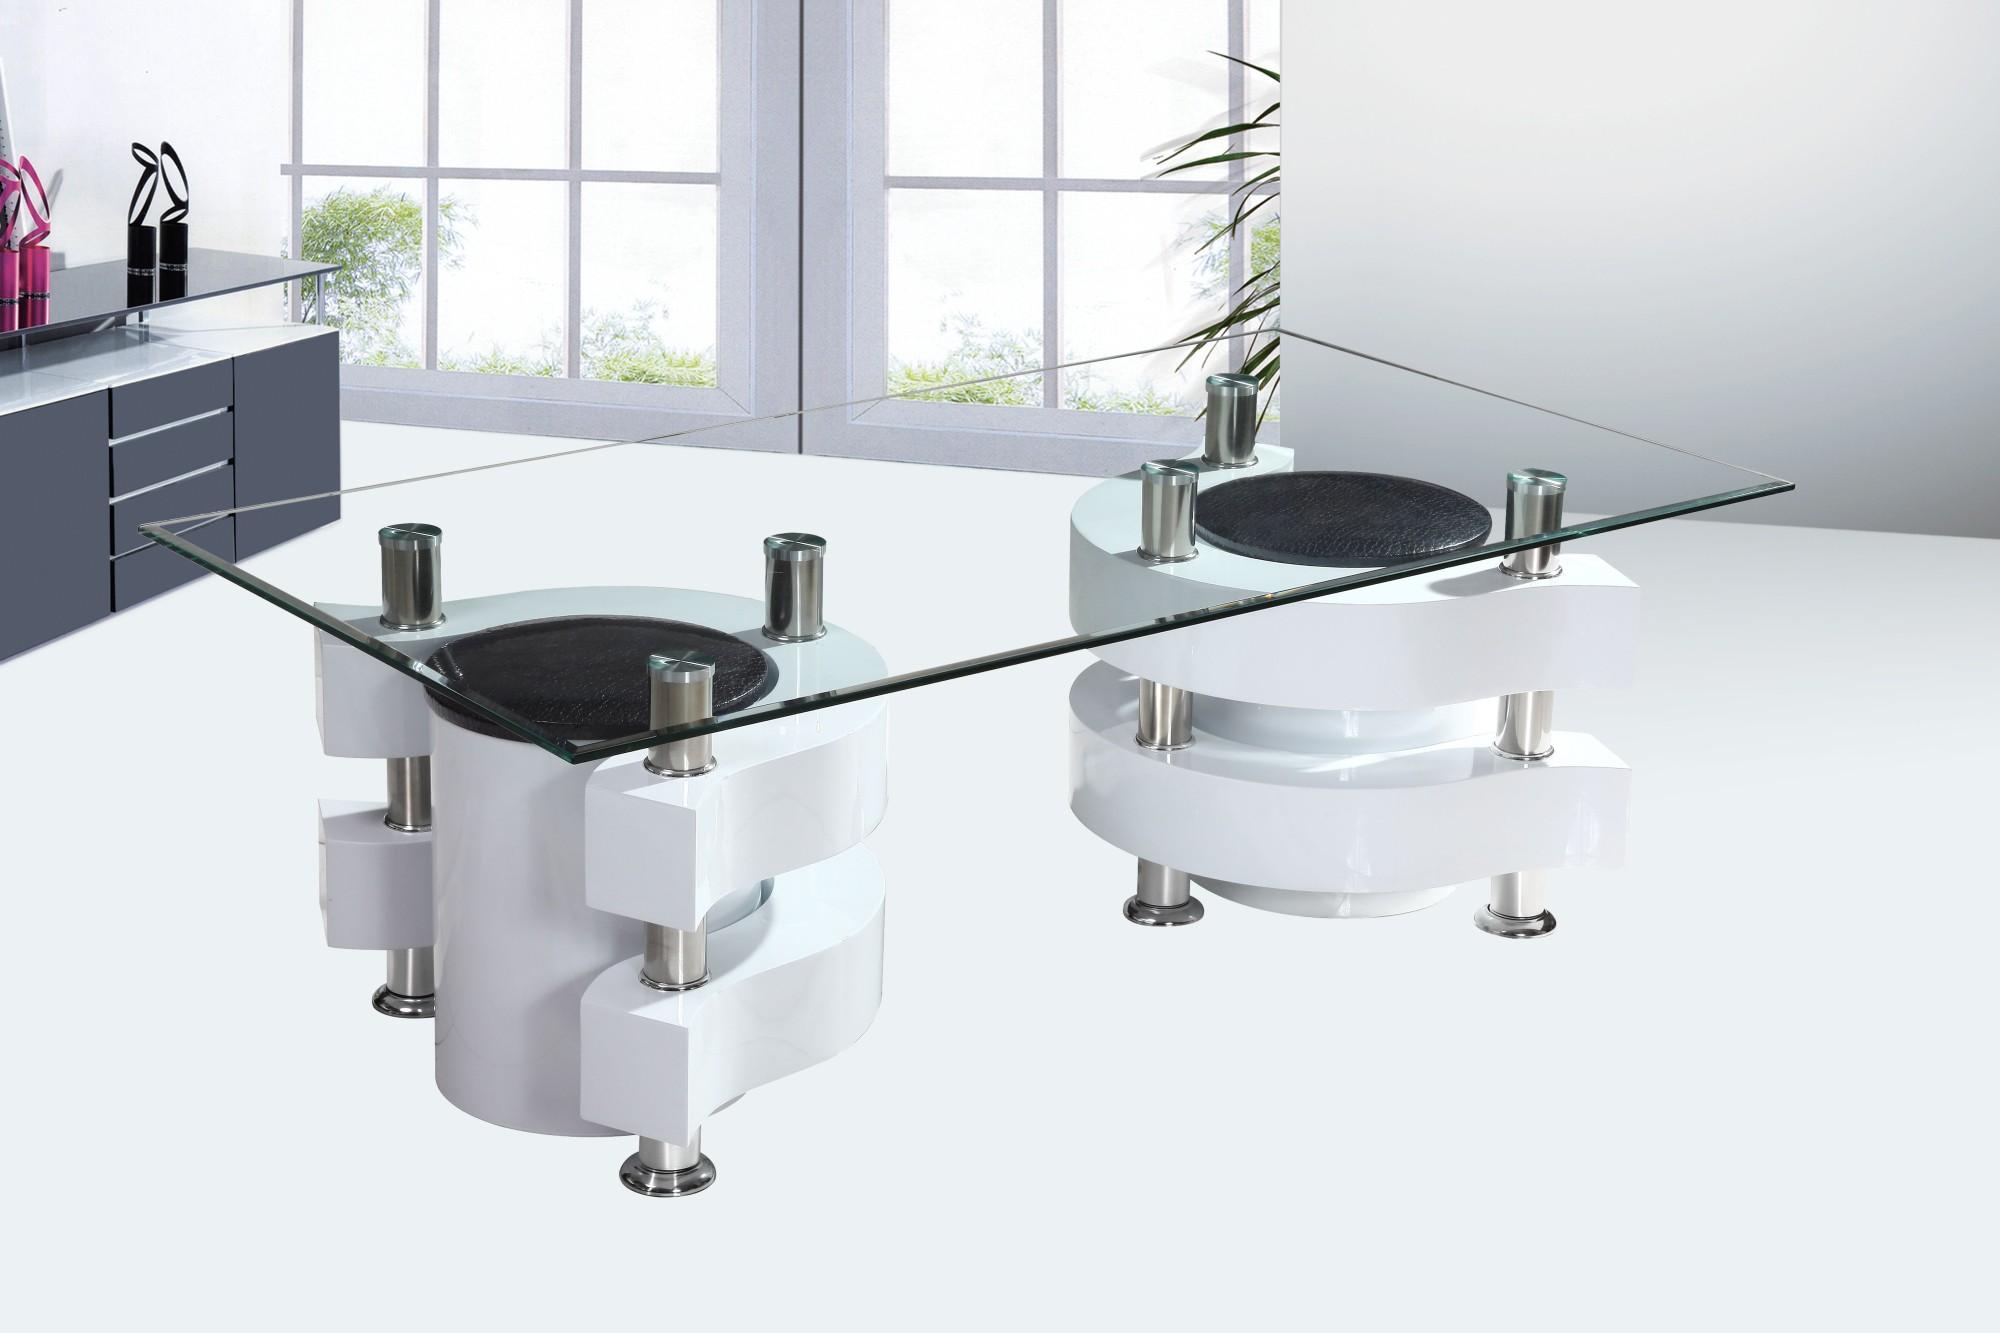 table_basse_design_laqu_e_blanche_et_noire_avec_poufs_florie-2 Incroyable De Table Basse Ronde Avec Rangement Des Idées